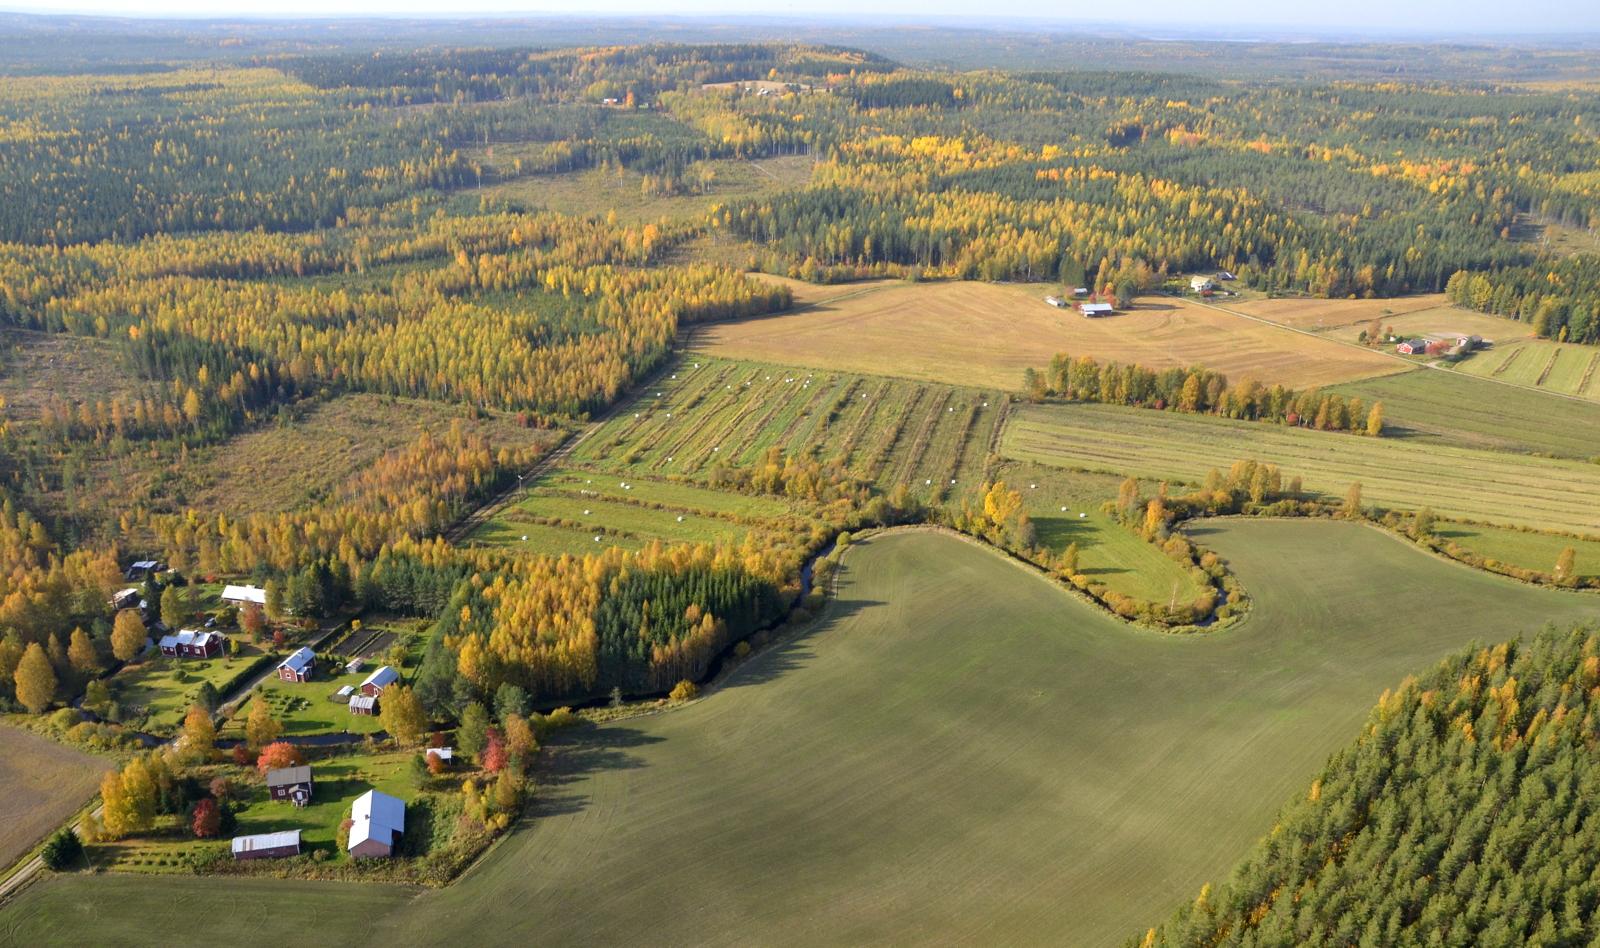 Nyt lähdemme matkaamaan Pyhähäkin Kansallispuiston kautta Liimattalaan. Kuvassa Käräjämäki Kannonkosken puolella.